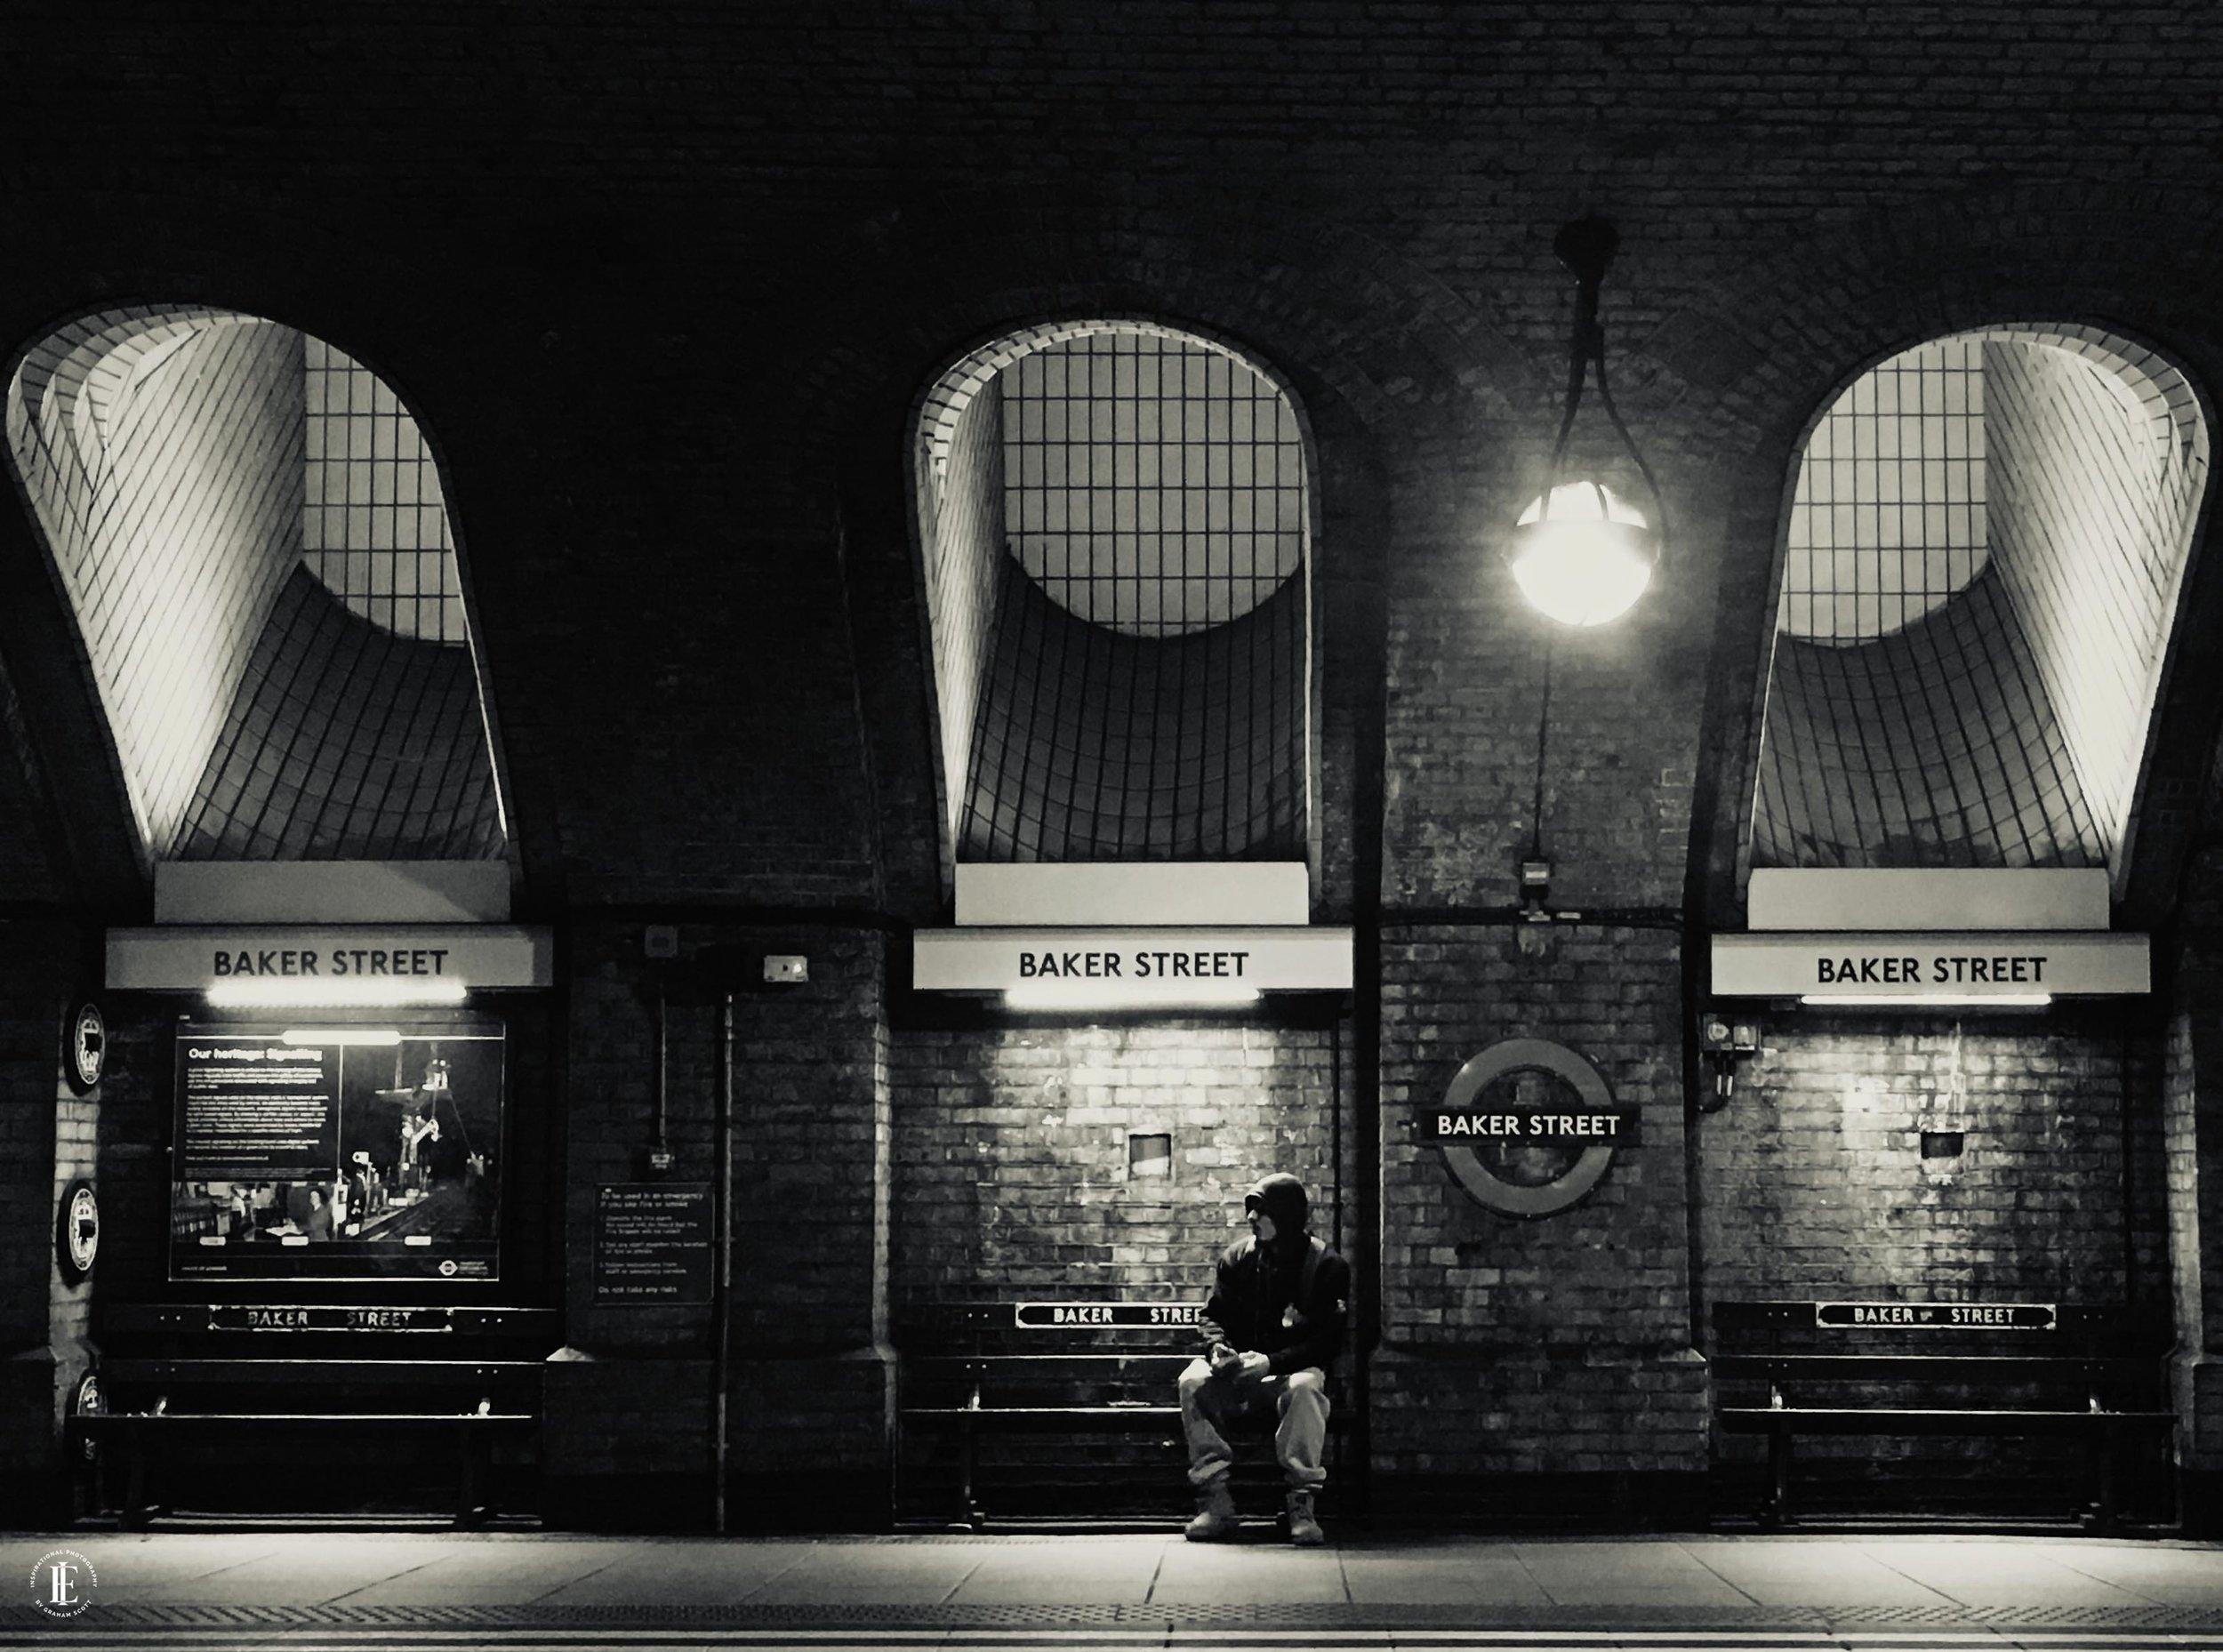 190326 London (20).jpg